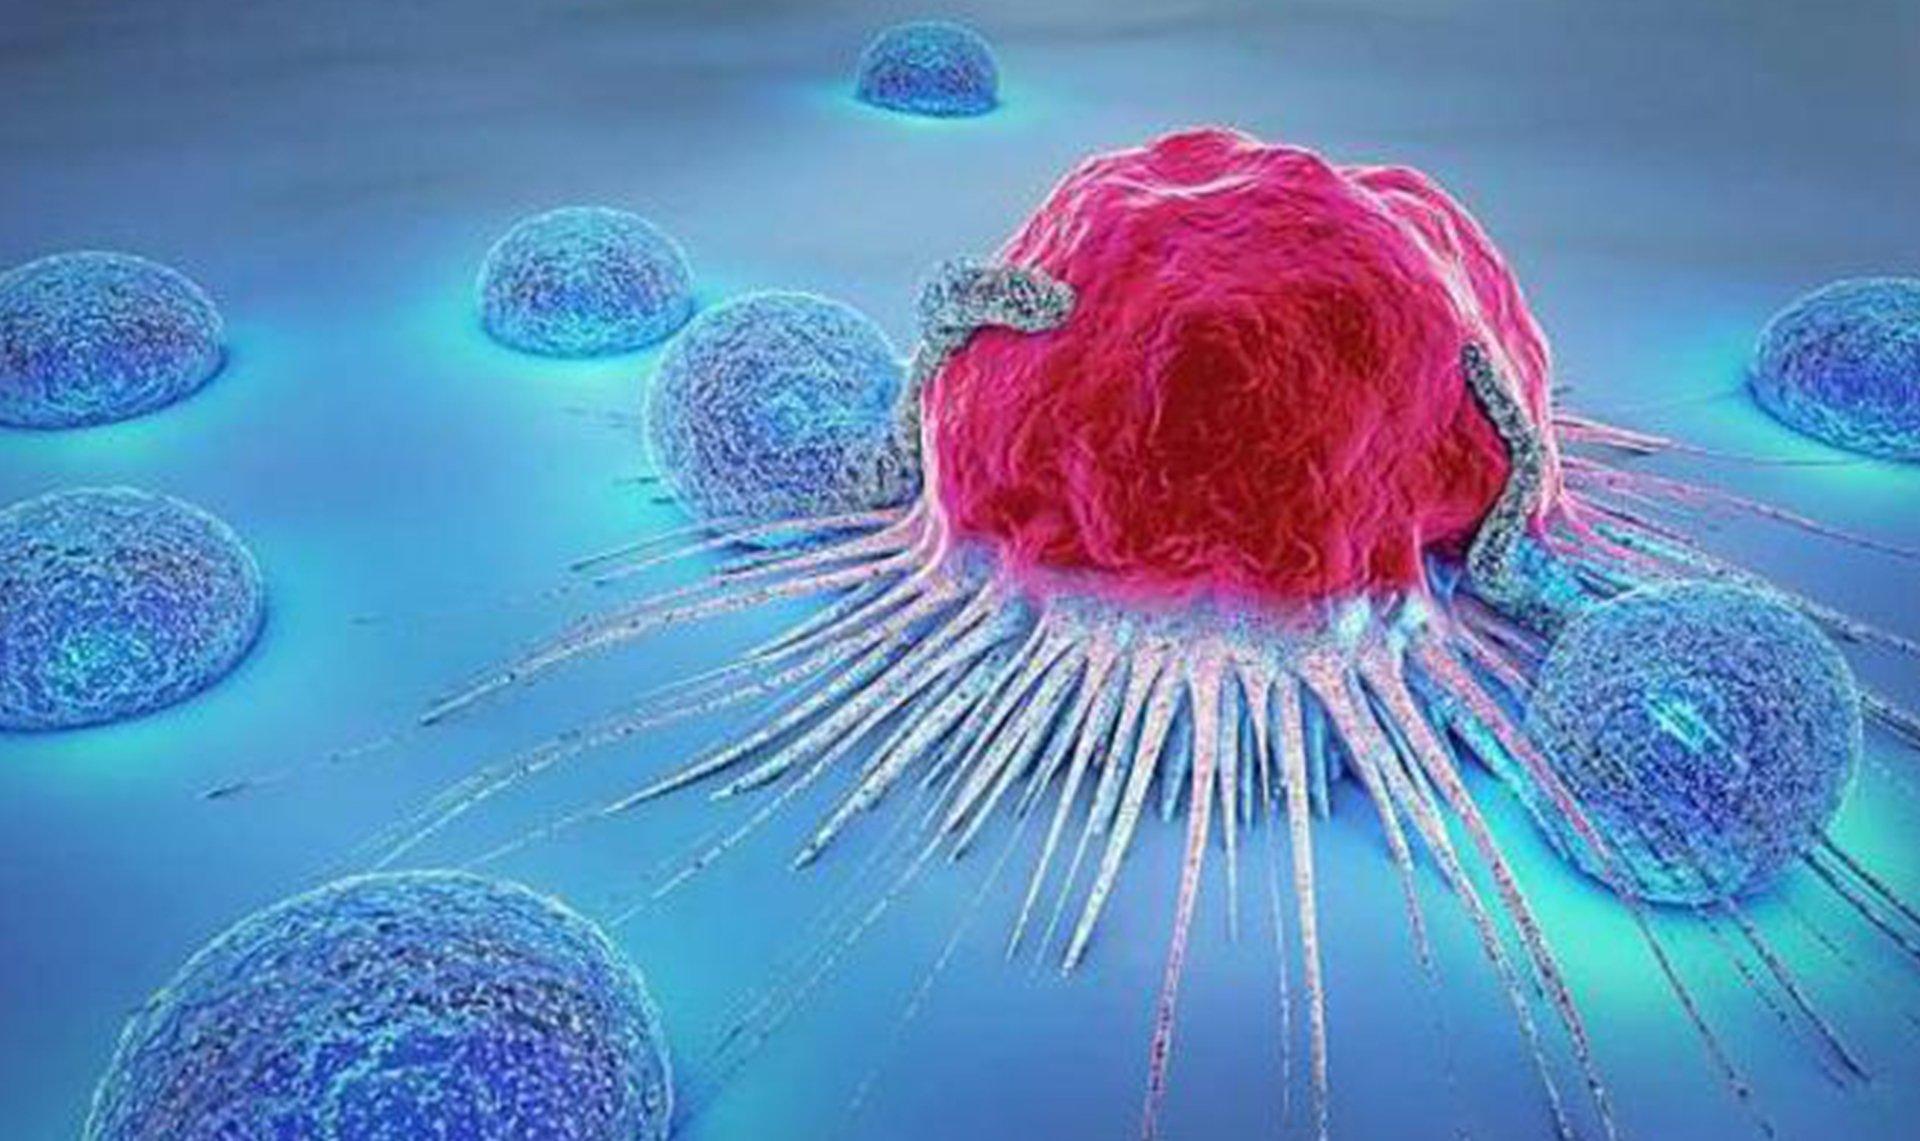 Сахар назван главной причиной всплеска рака